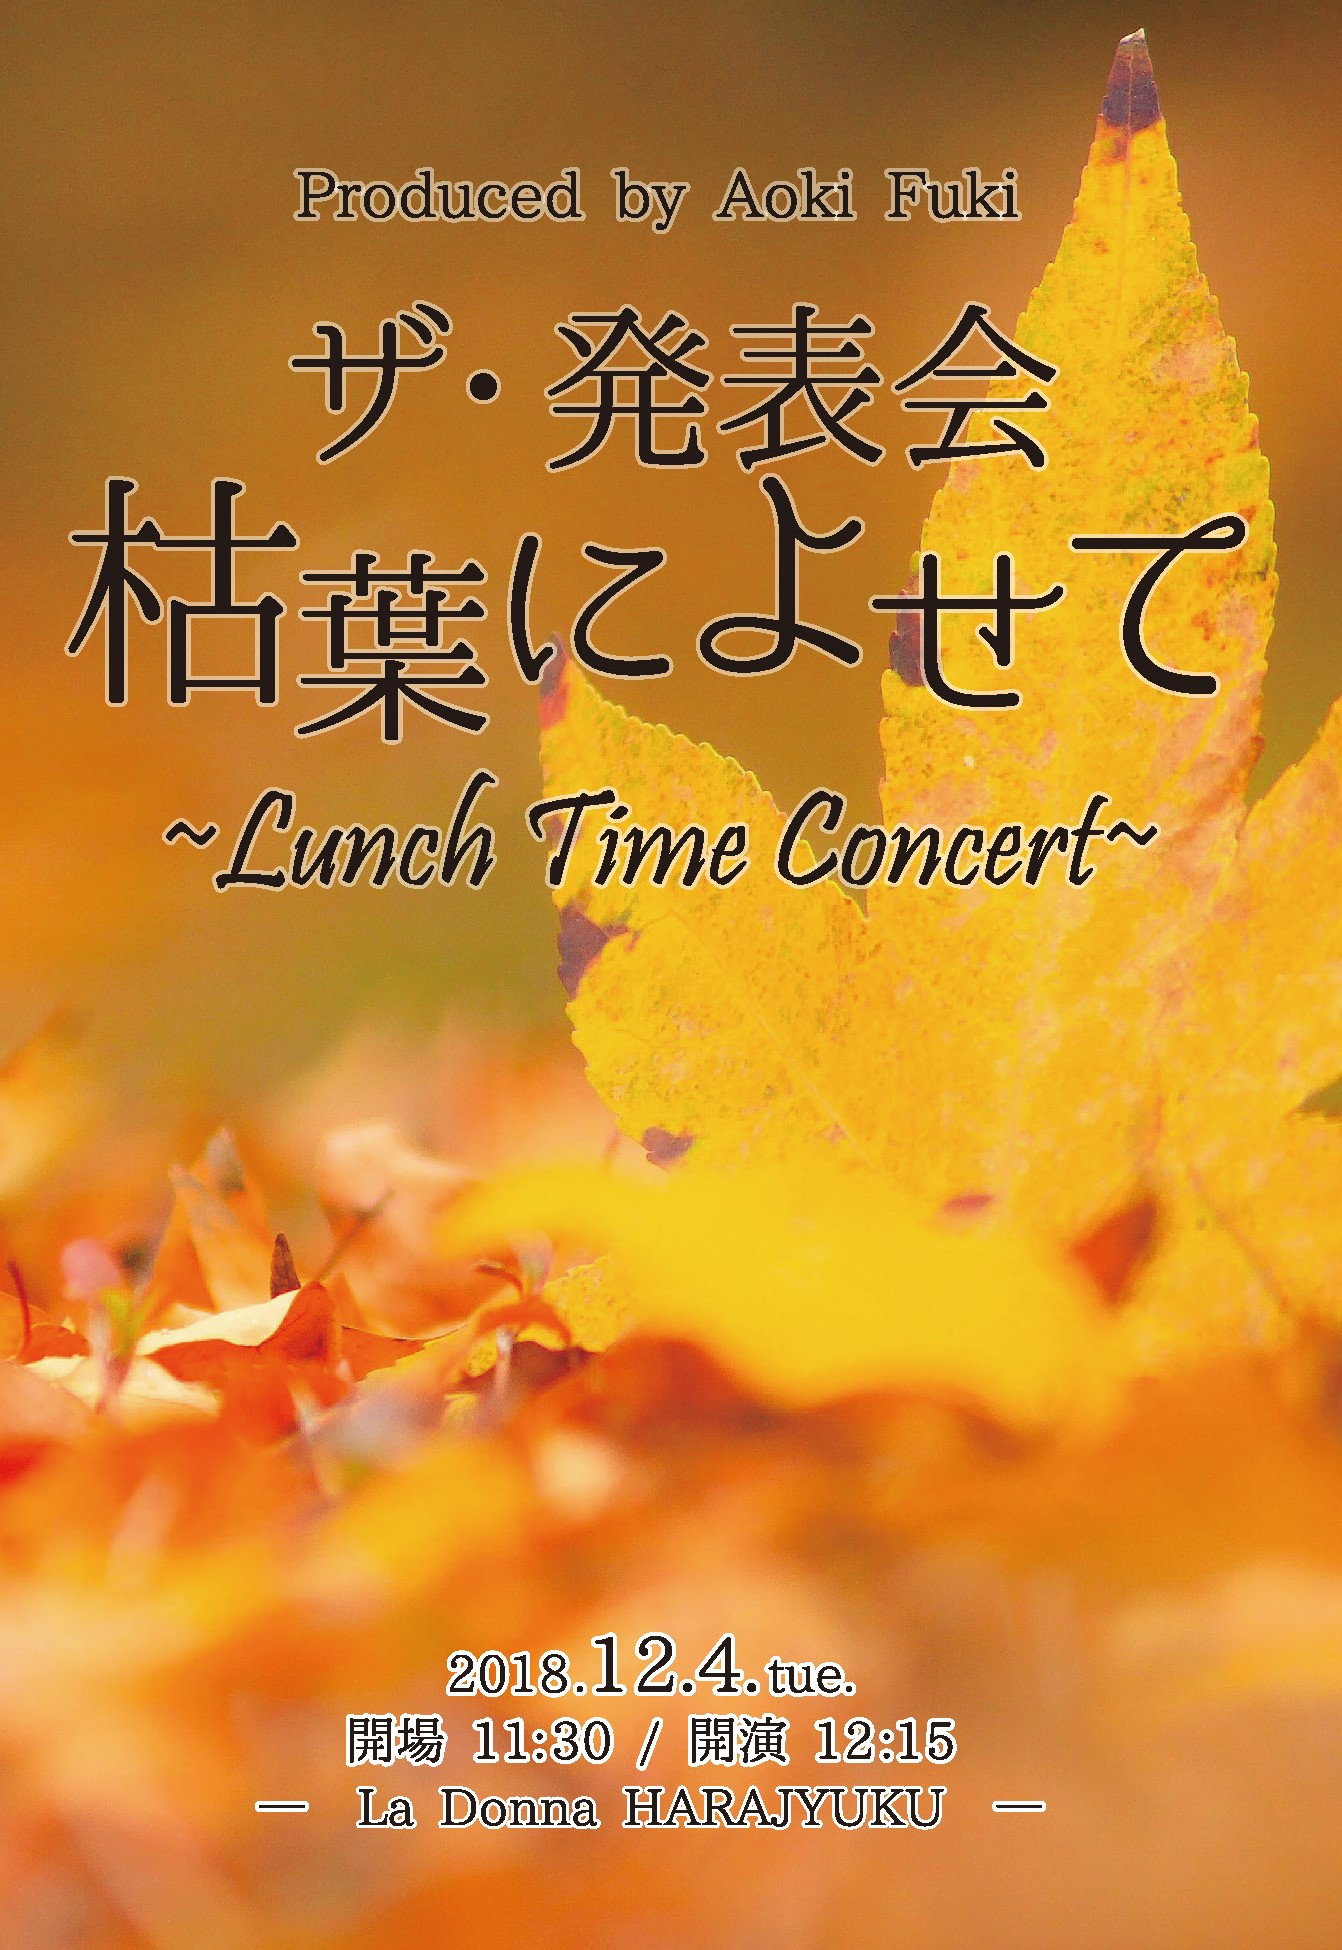 ザ・発表会 枯葉によせて ~Lunch Time Concert~